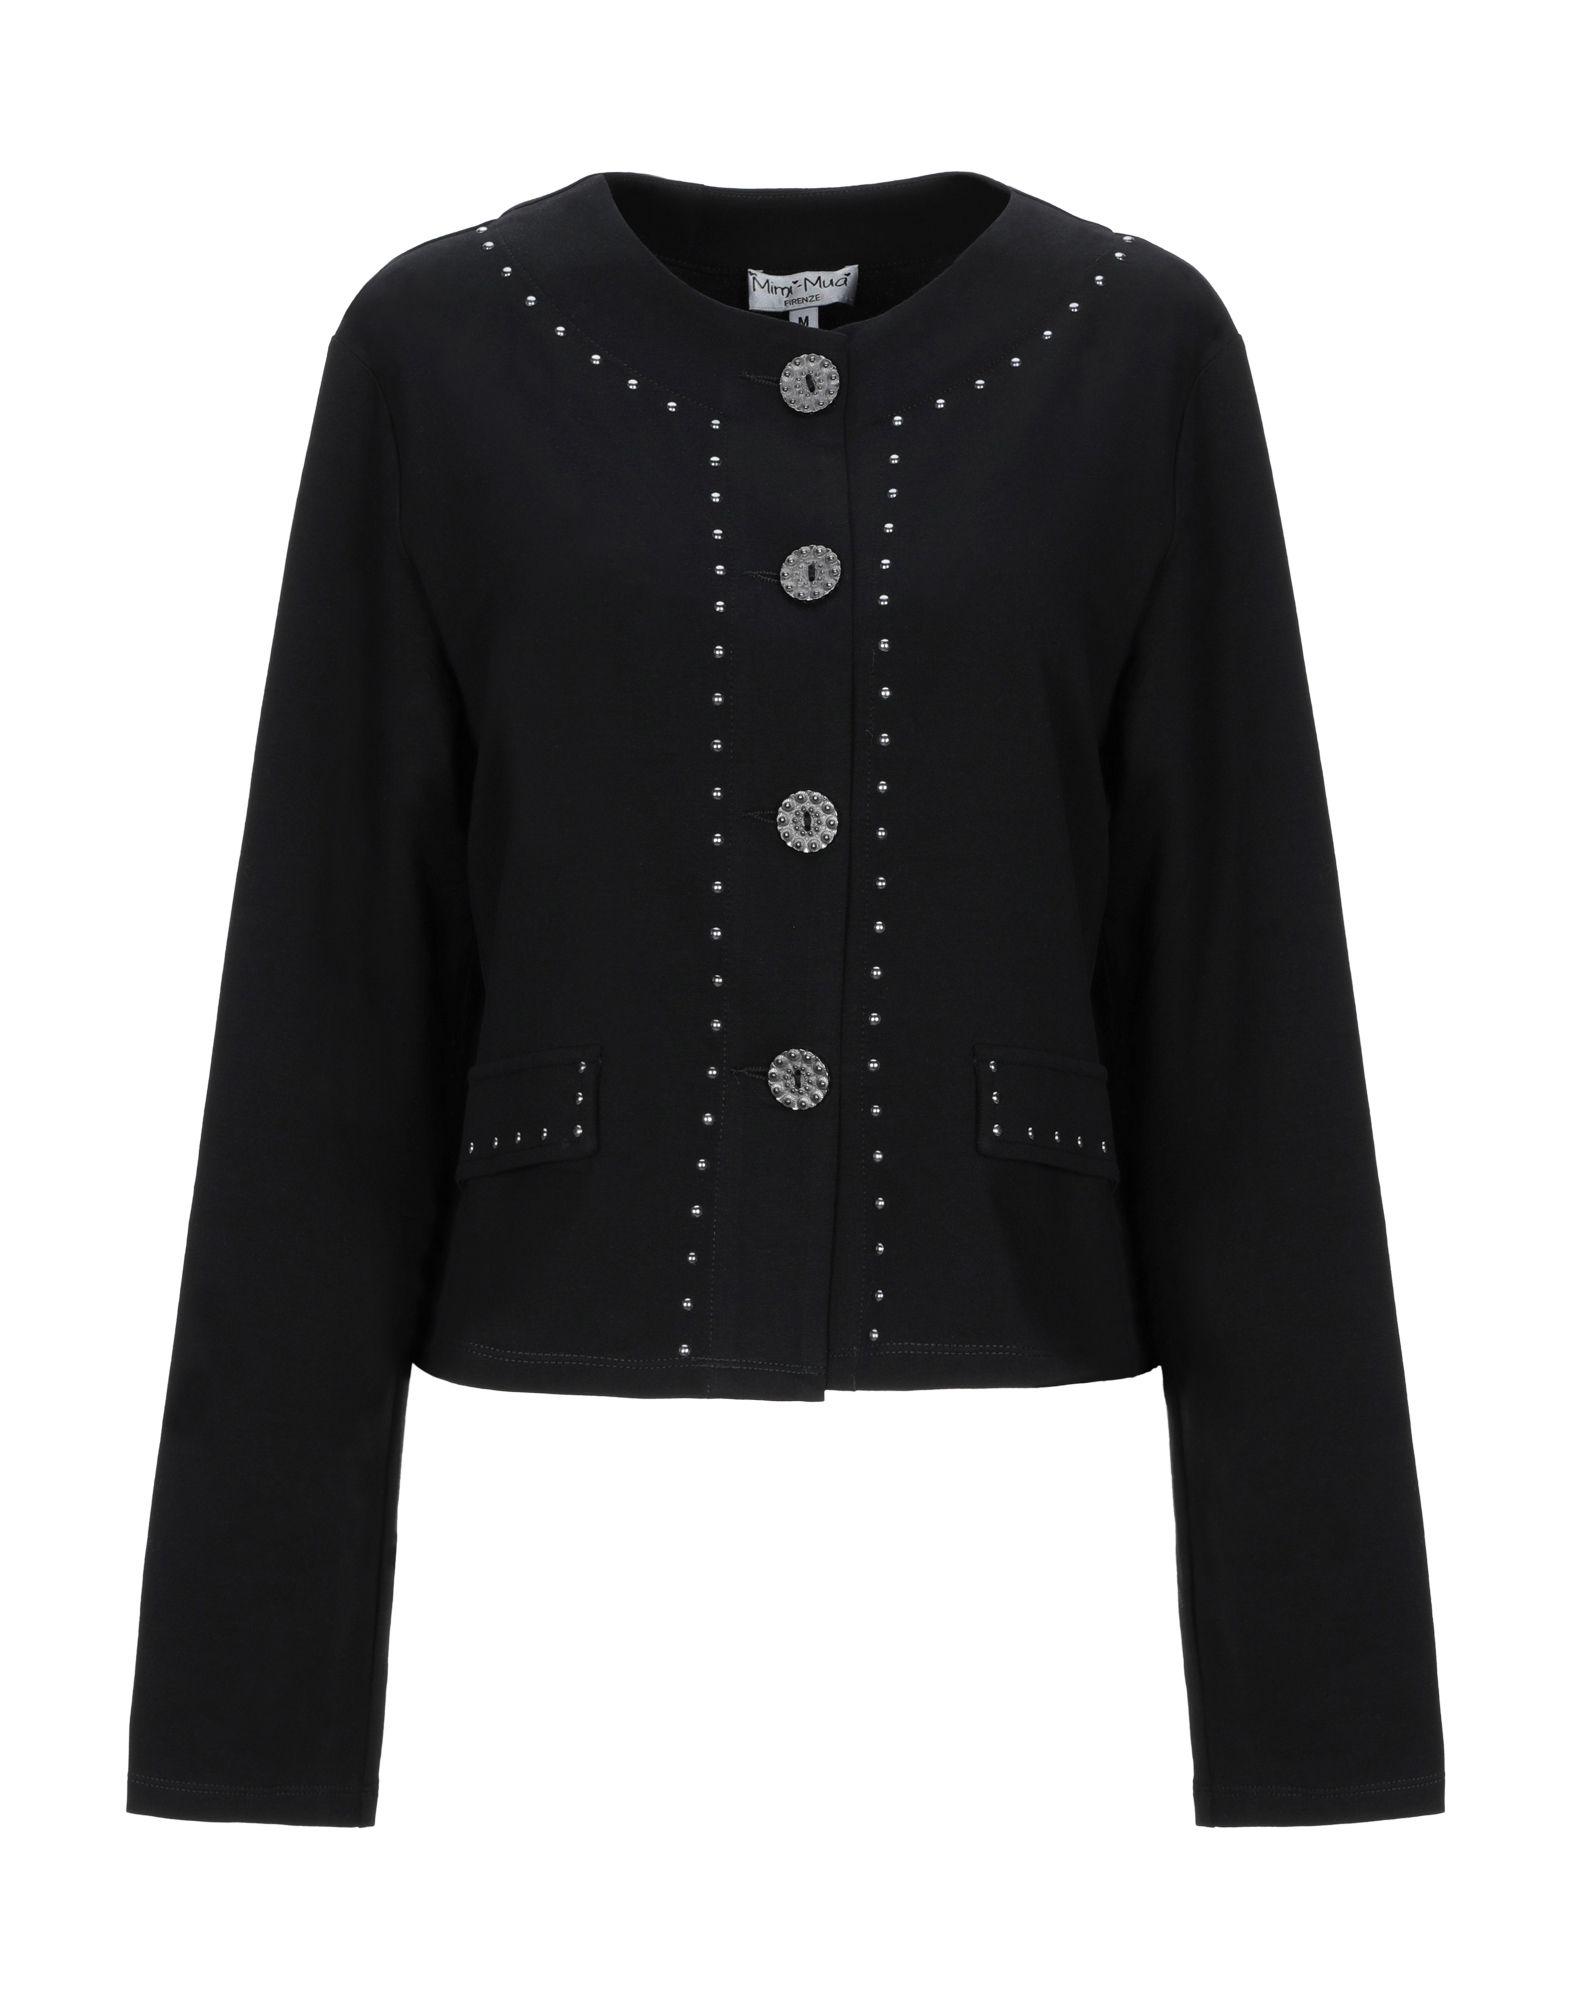 《送料無料》MIMI-MU? Firenze レディース テーラードジャケット ブラック XS コットン 95% / ポリウレタン 5%